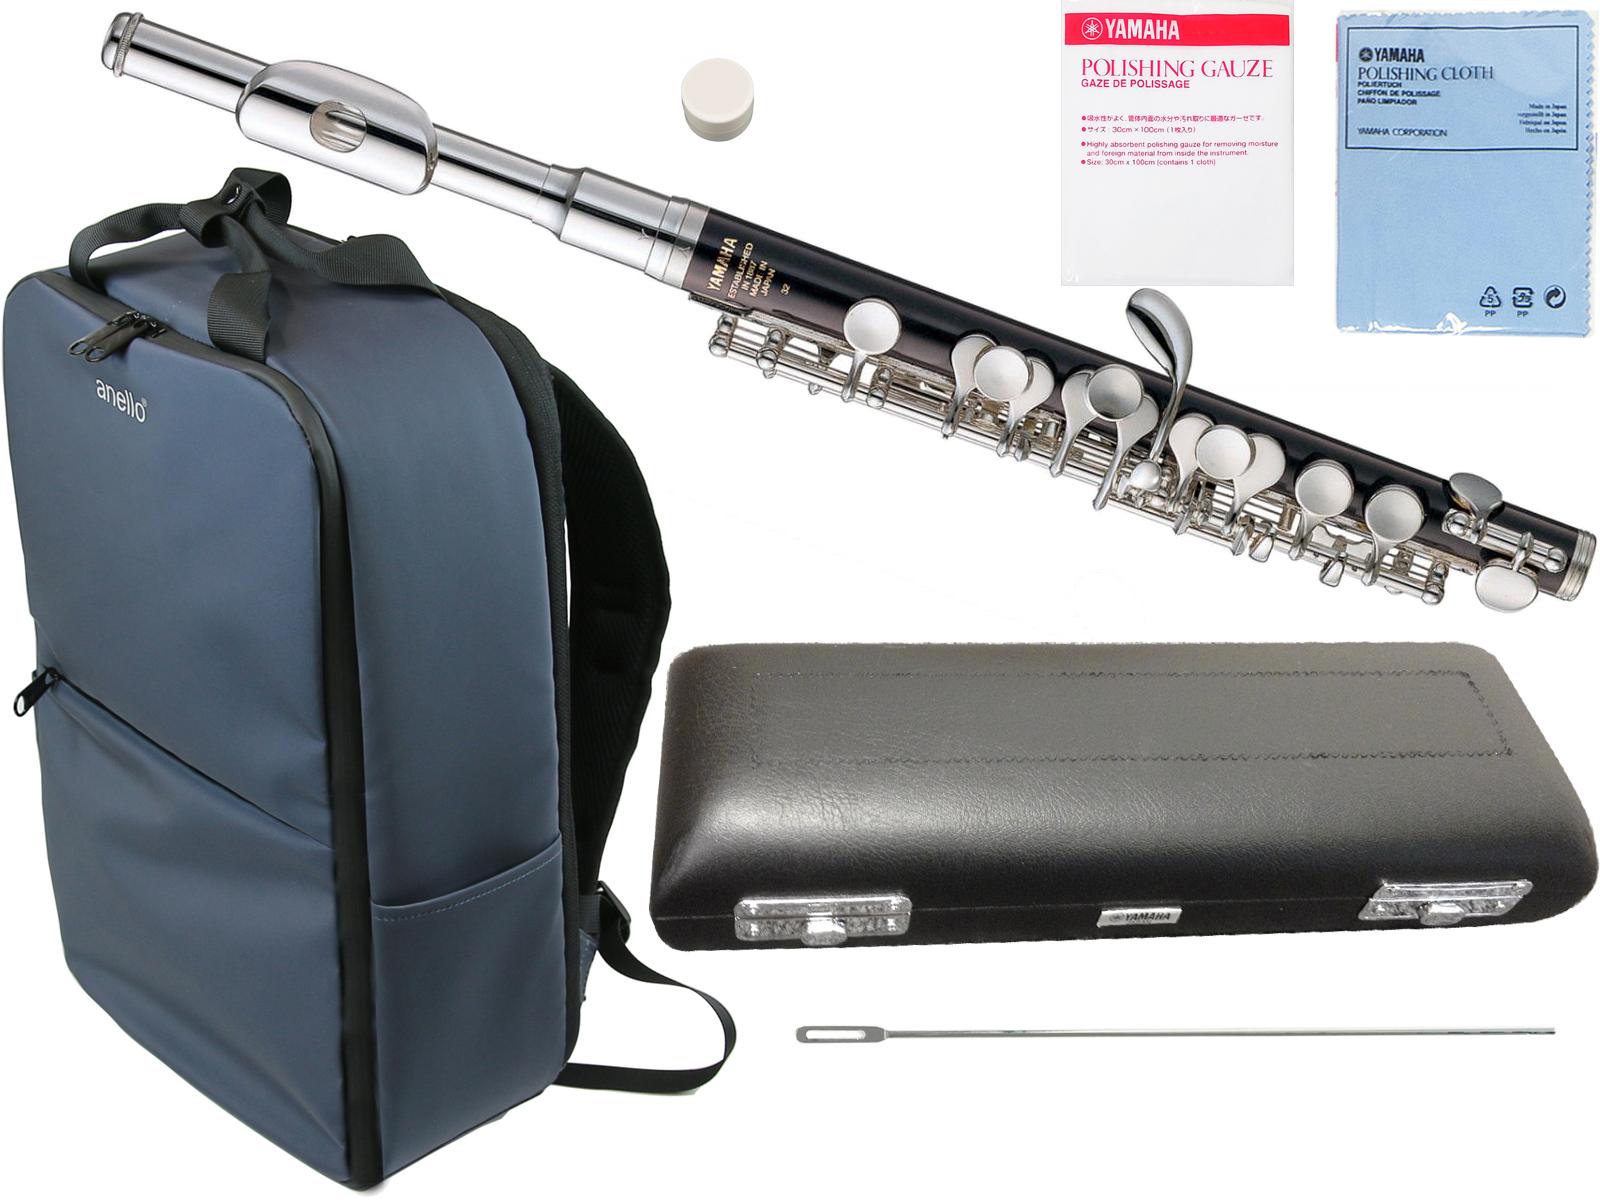 YAMAHA ( ヤマハ ) YPC-32 樹脂製 ピッコロ 新品 管楽器 Eメカ付き スタンダードモデル 主管 ABS樹脂 頭部管 piccolo YPC32 セット F